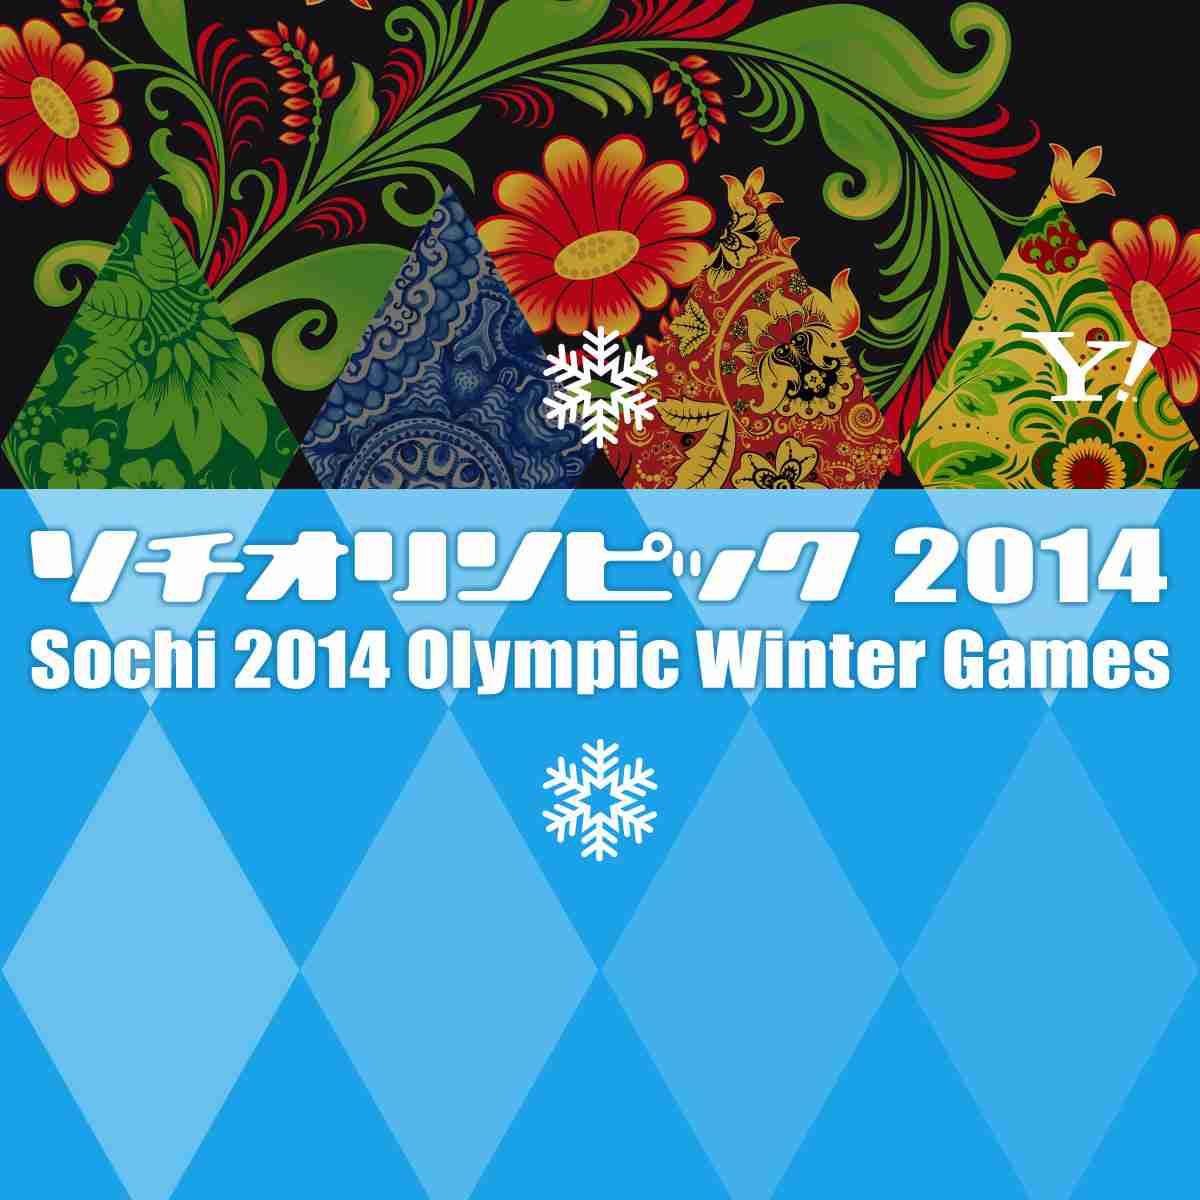 ソチオリンピック Yahoo! JAPAN - 荻原次晴キャスター歓喜&号泣 20年ぶり複合メダルに…兄健司氏も絶叫解説(デイリースポーツ)